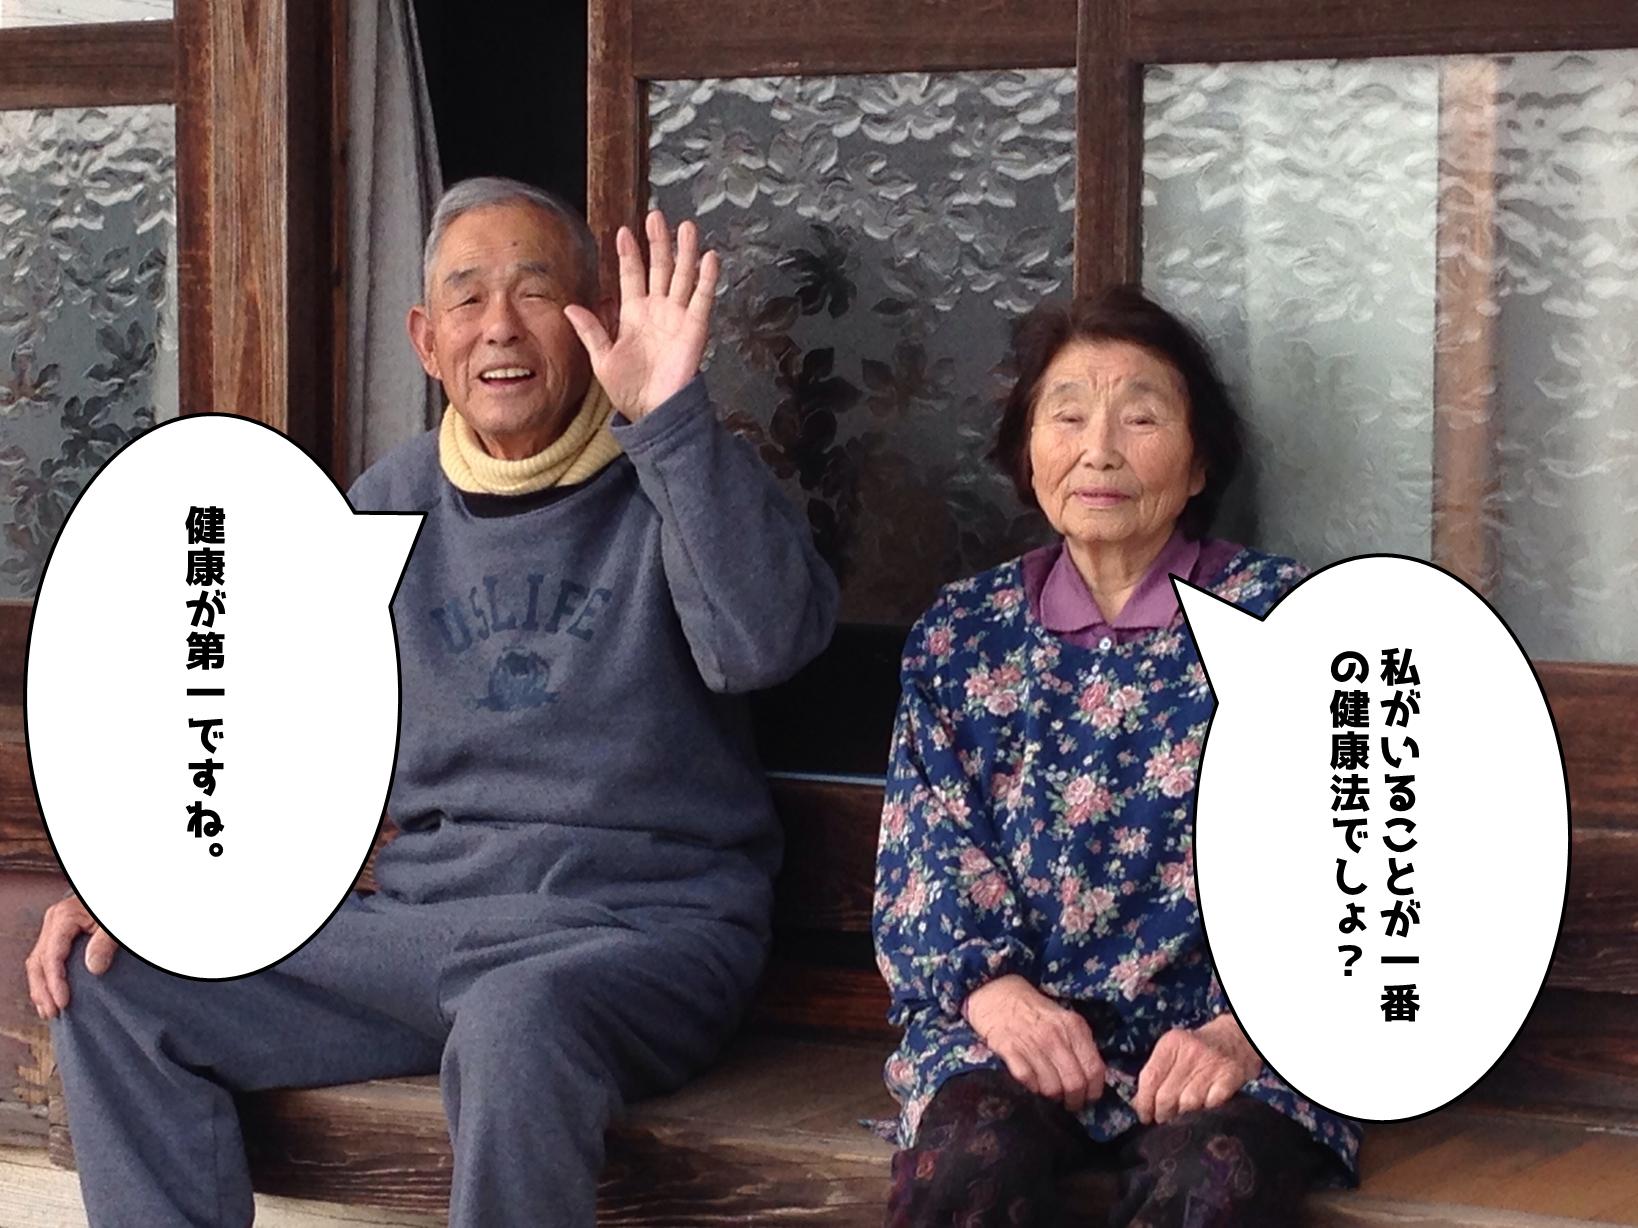 60歳、65歳の老後の健康